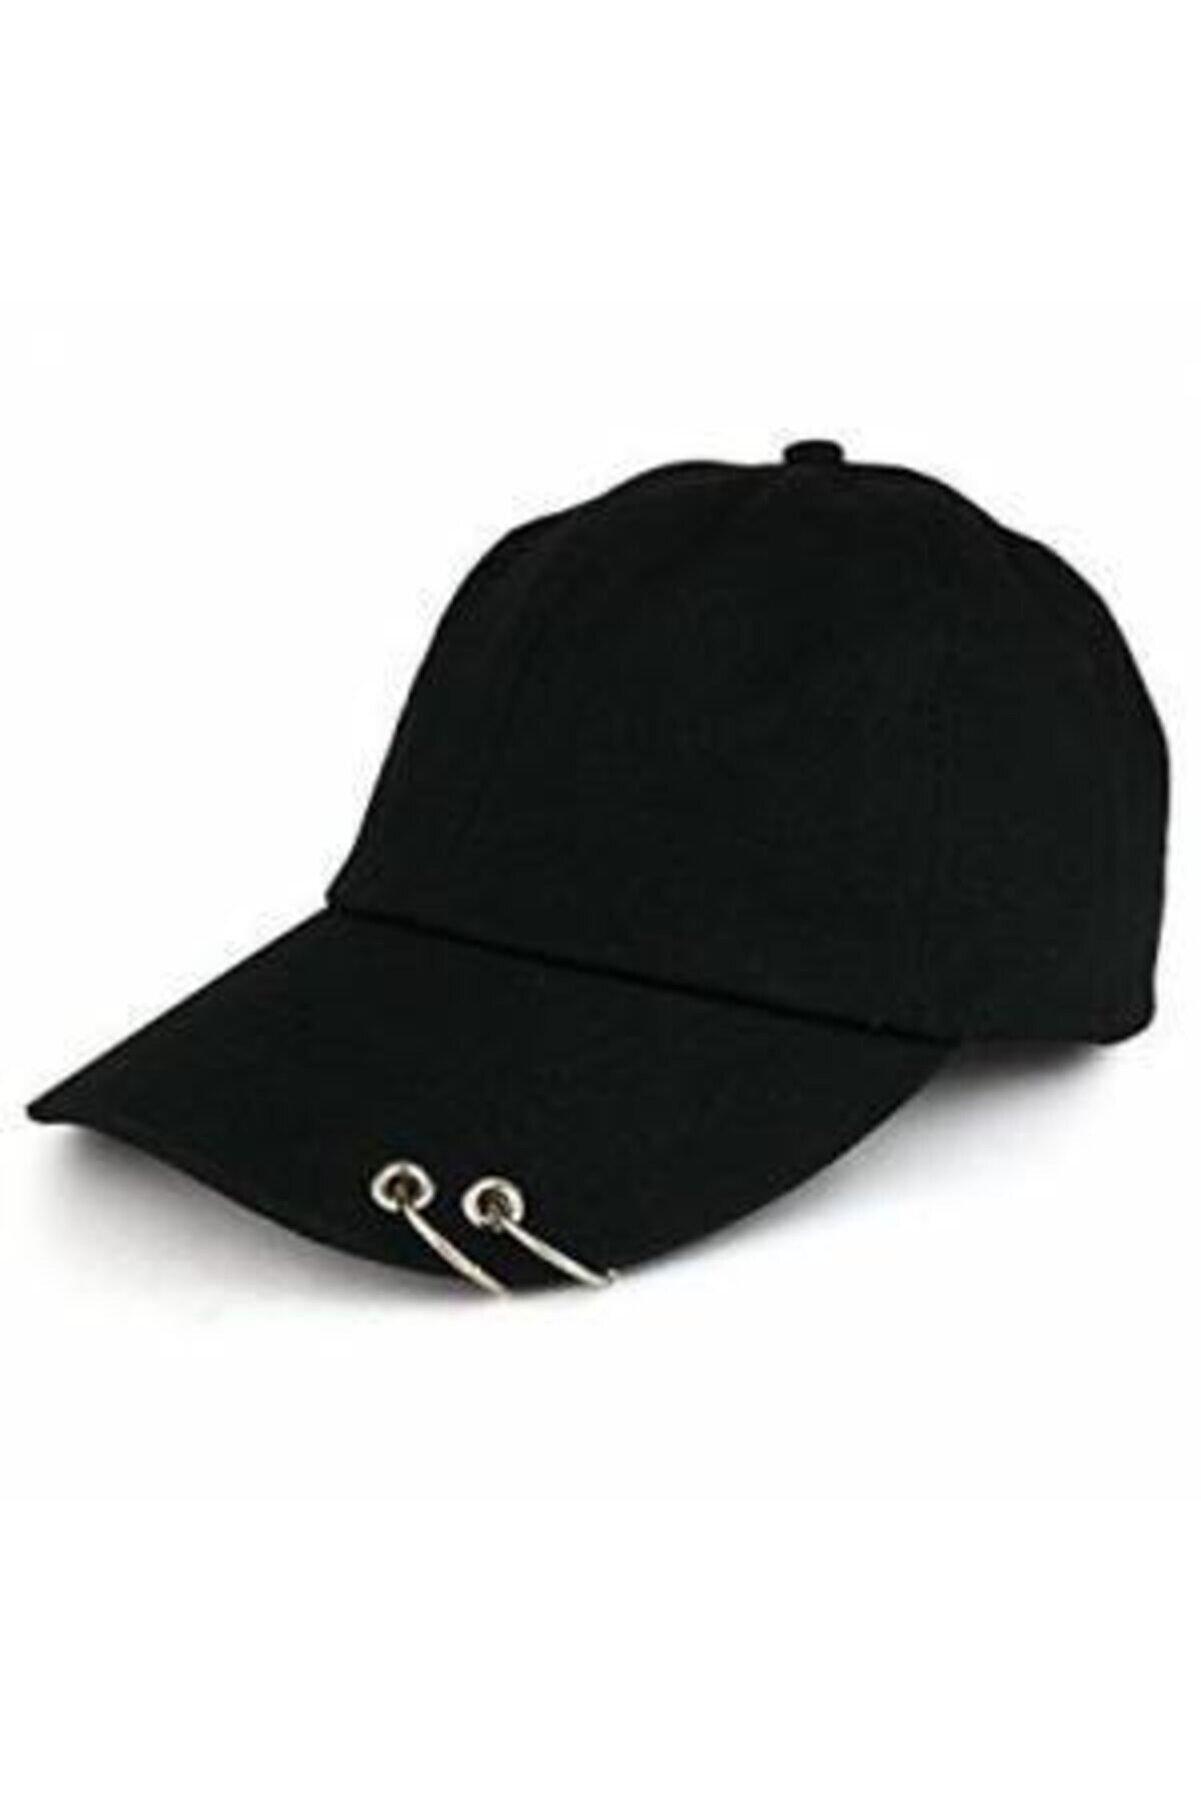 OEM Kpop 2 Halkalı Pirsingli Şapka